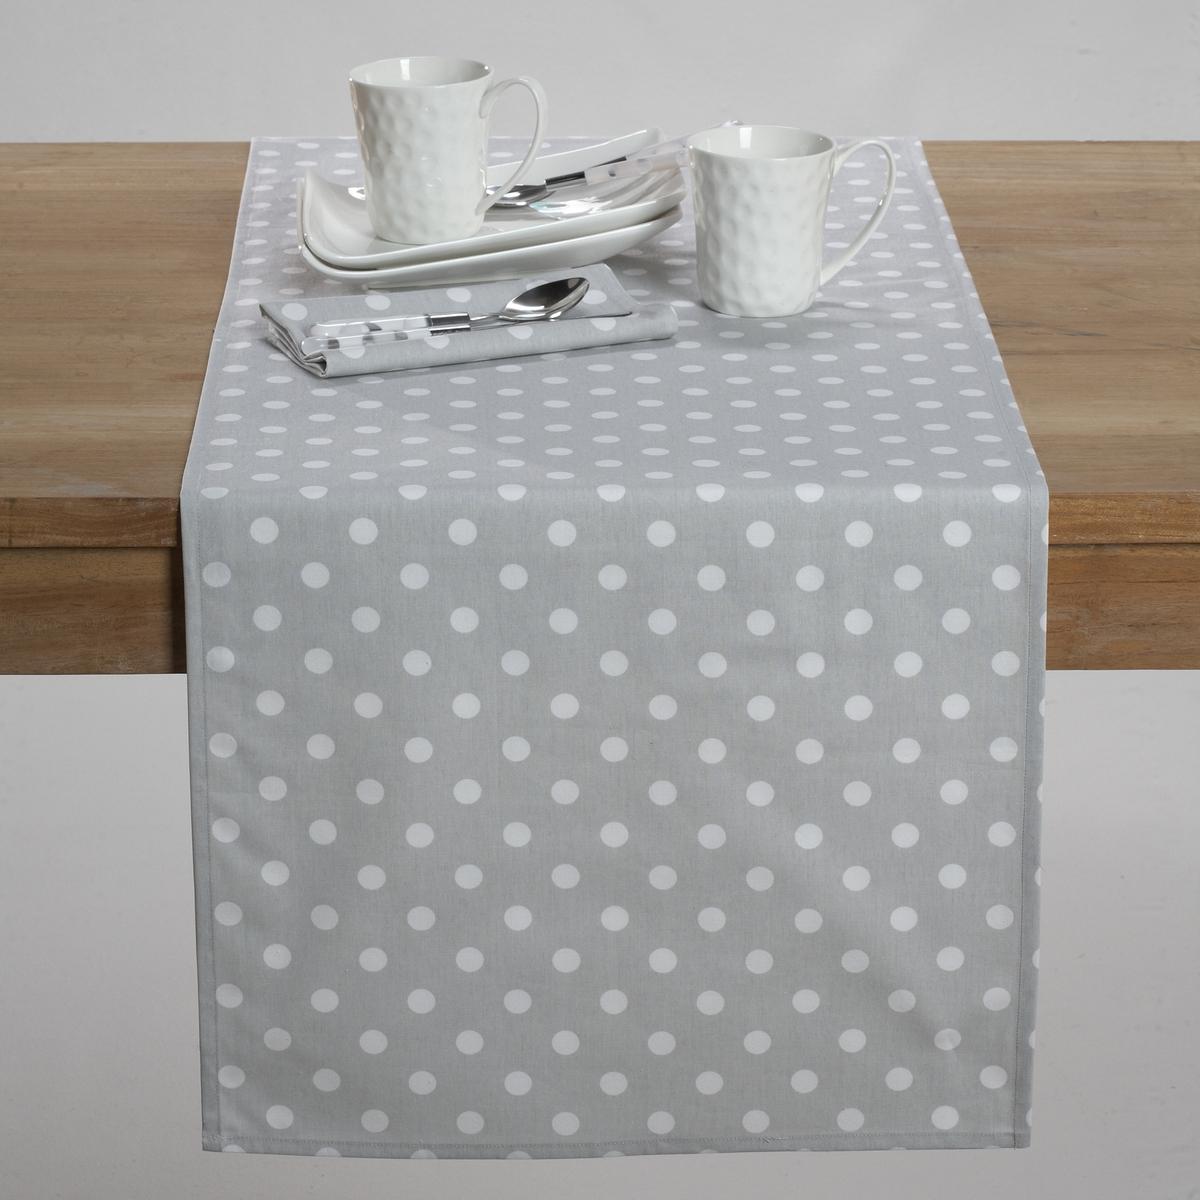 Дорожка столовая ГАРДЕН ПАТИОписание столовой дорожки:100% хлопка.Стирка при 60°.Размеры столовой дорожки:45 x 145 см. Найдите подходящий столовый комплект на нашем сайте.<br><br>Цвет: красный/ белый,серо-коричневый,серый/ белый,фиолетовый/ белый<br>Размер: 45 x 150  см.45 x 150  см.45 x 150  см